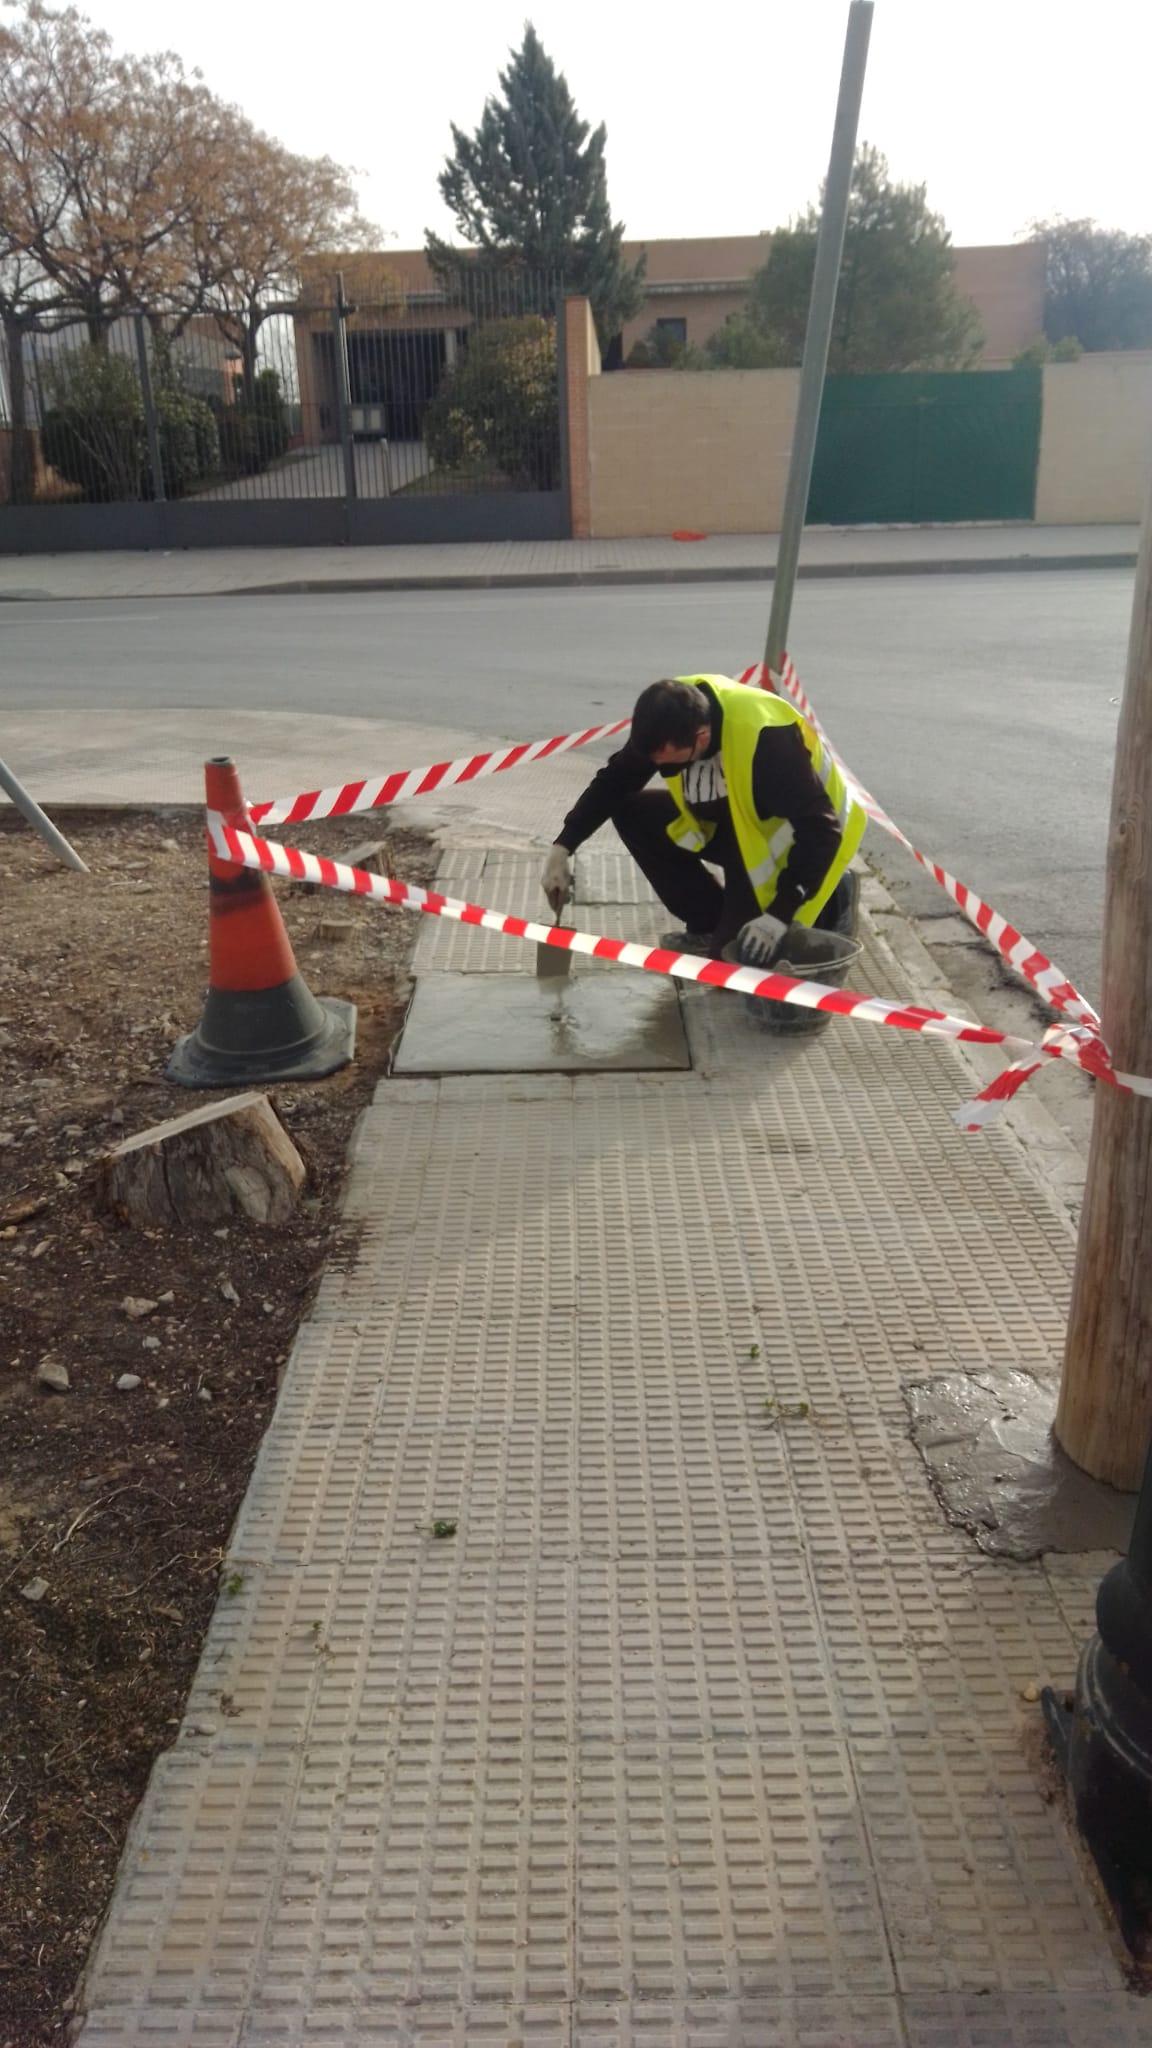 Mejoras en la accesibilidad y mantenimiento de vías públicas en Herencia 5